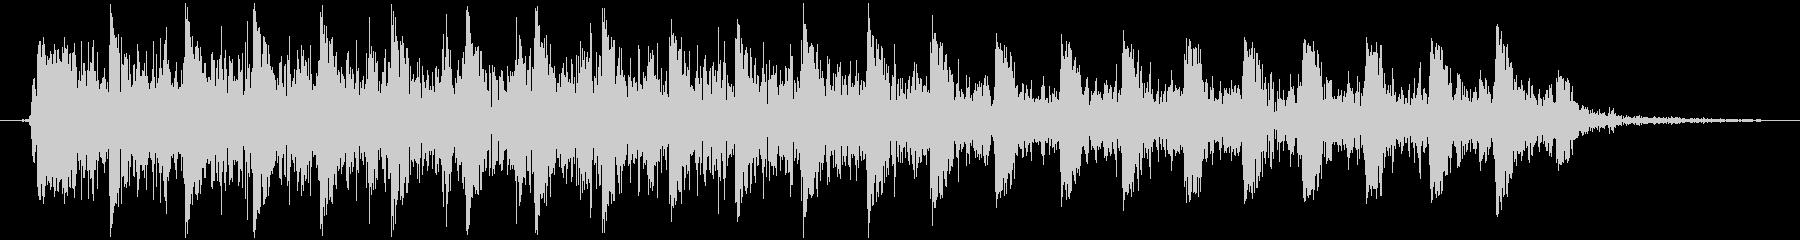 【銃声音014】マシンガンの音の未再生の波形